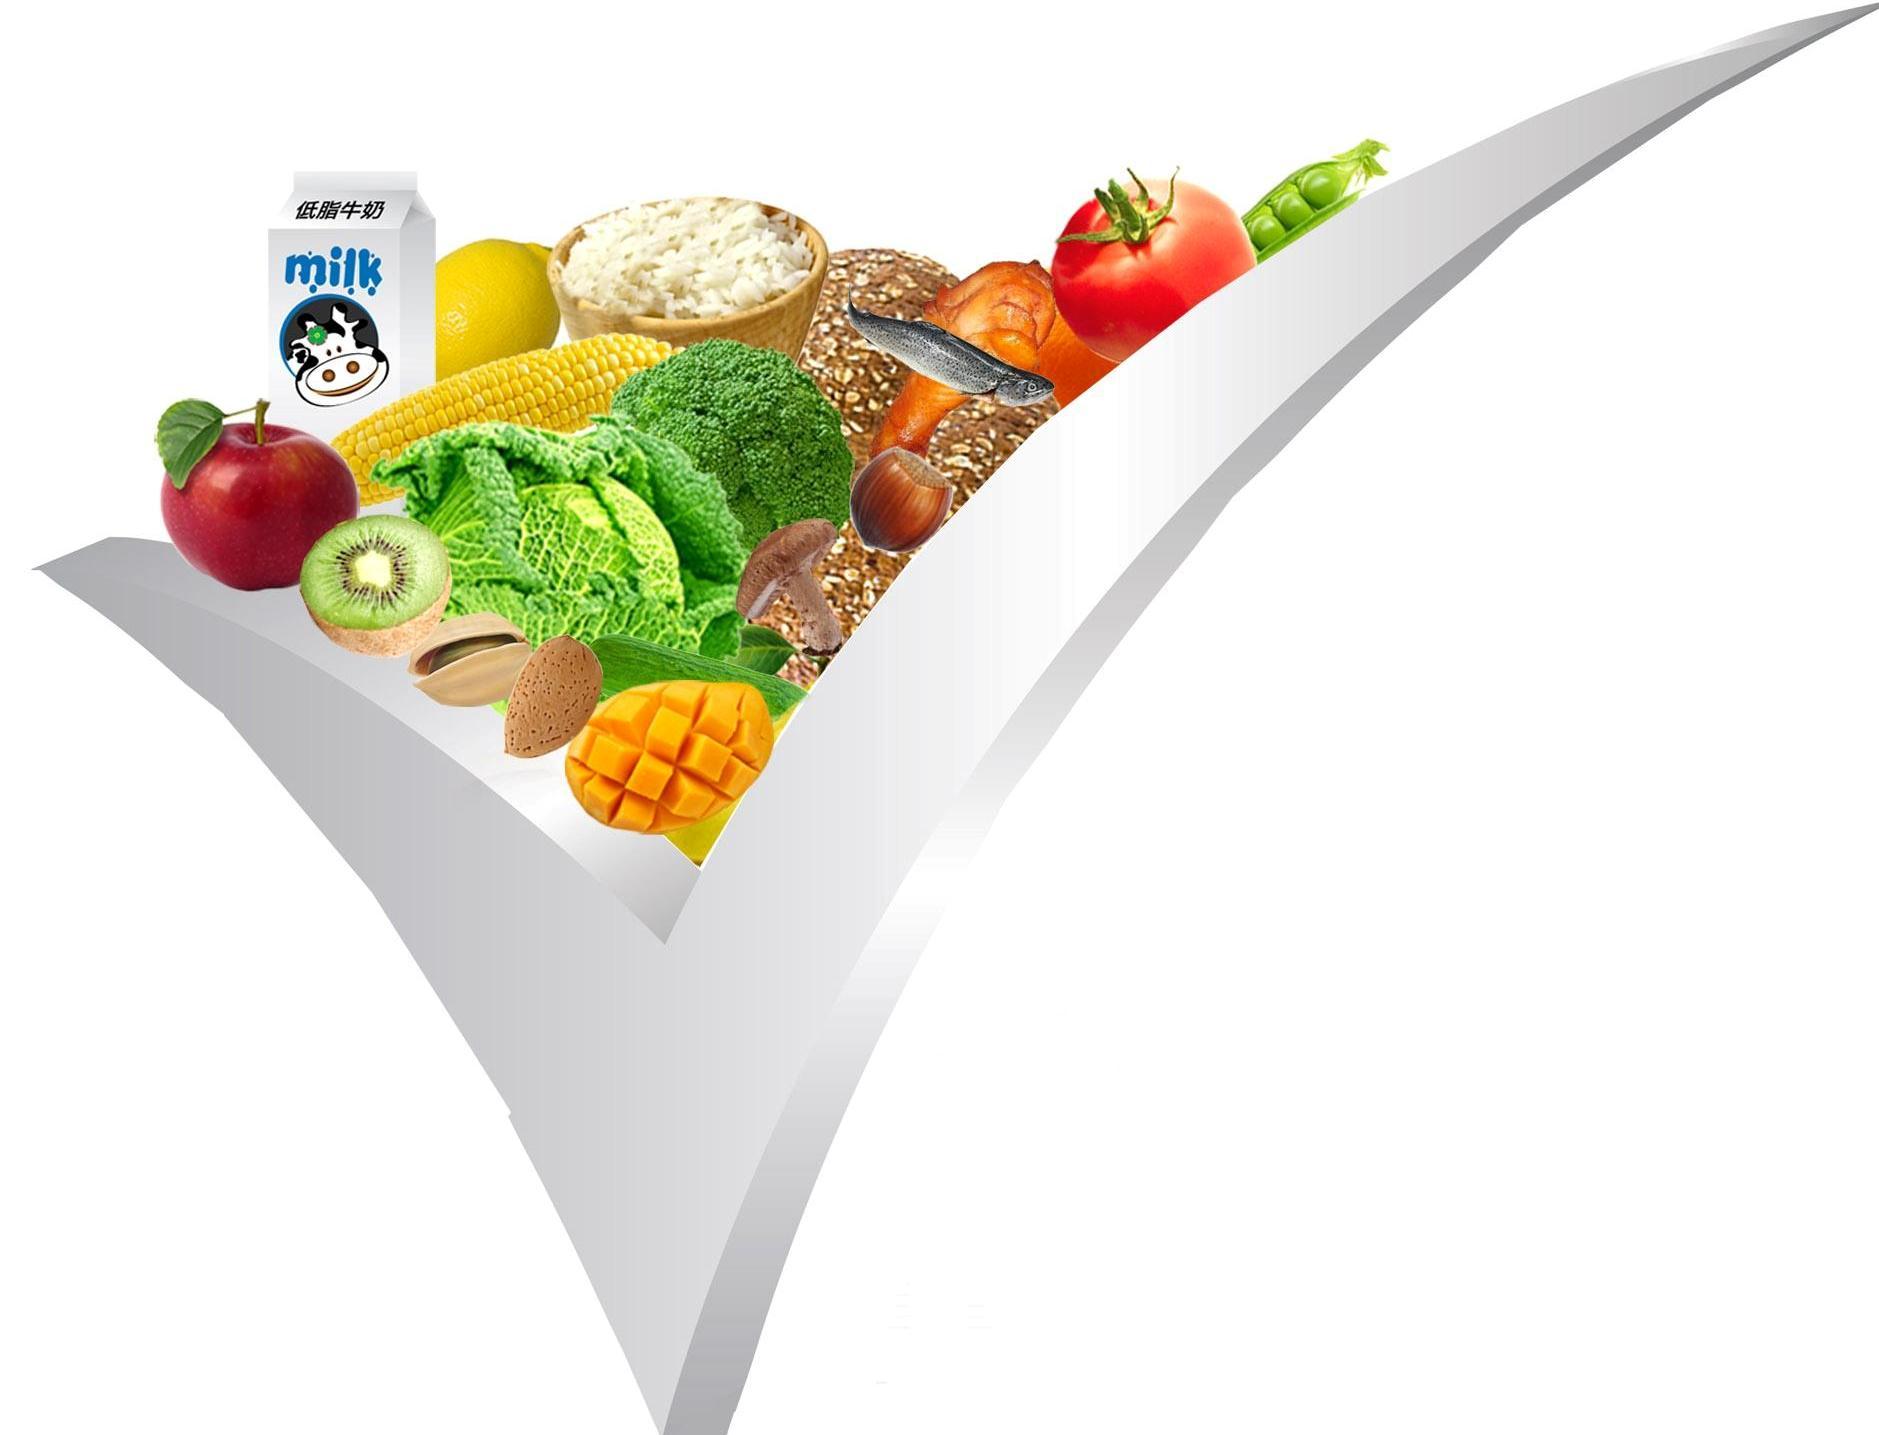 چگونه رژیم غذایی خوب و موثری داشته باشیم؟